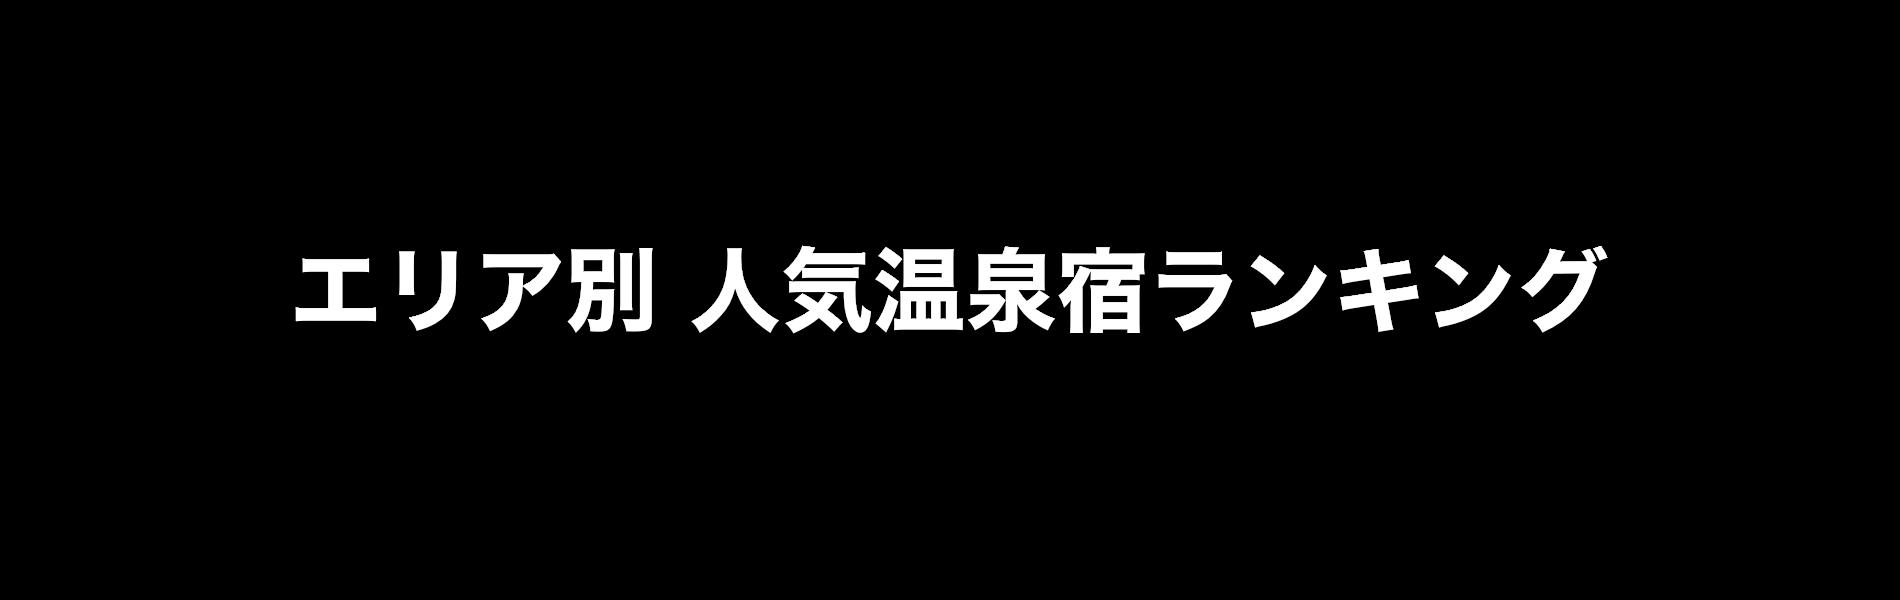 エリア別人気温泉宿ランキング